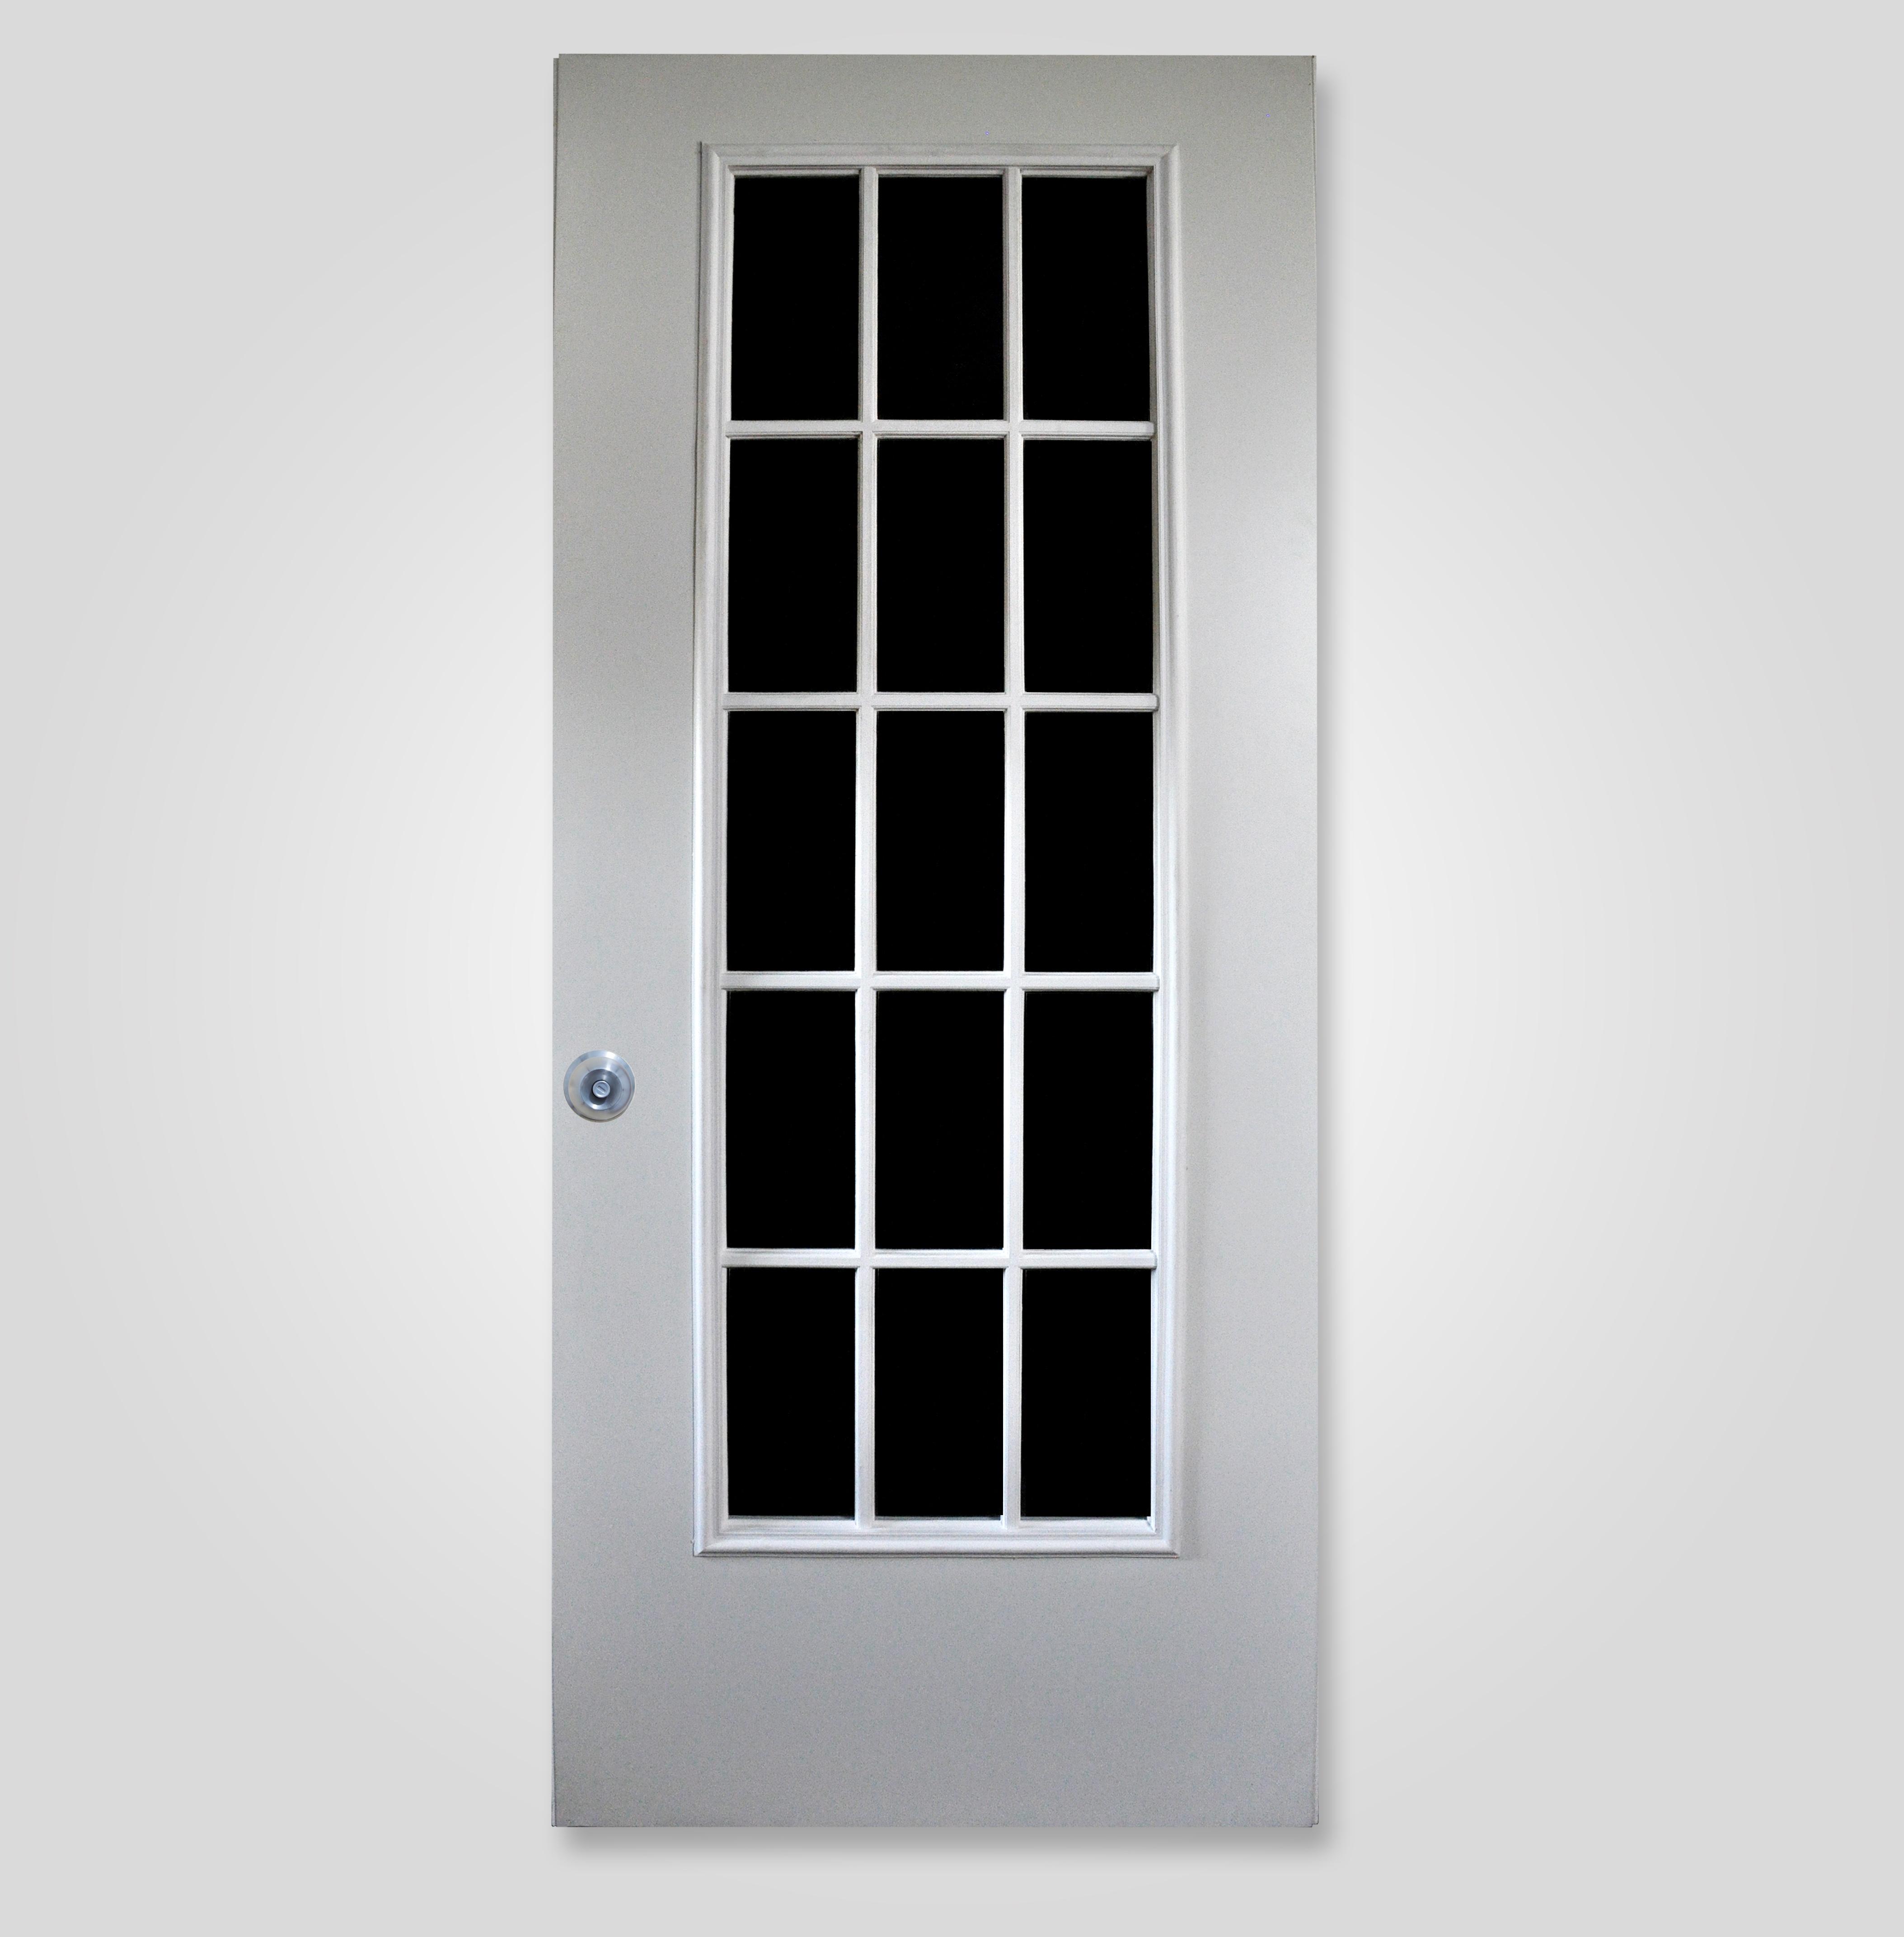 https://0201.nccdn.net/4_2/000/000/050/923/puerta-metalica-3-4214x4288.jpg